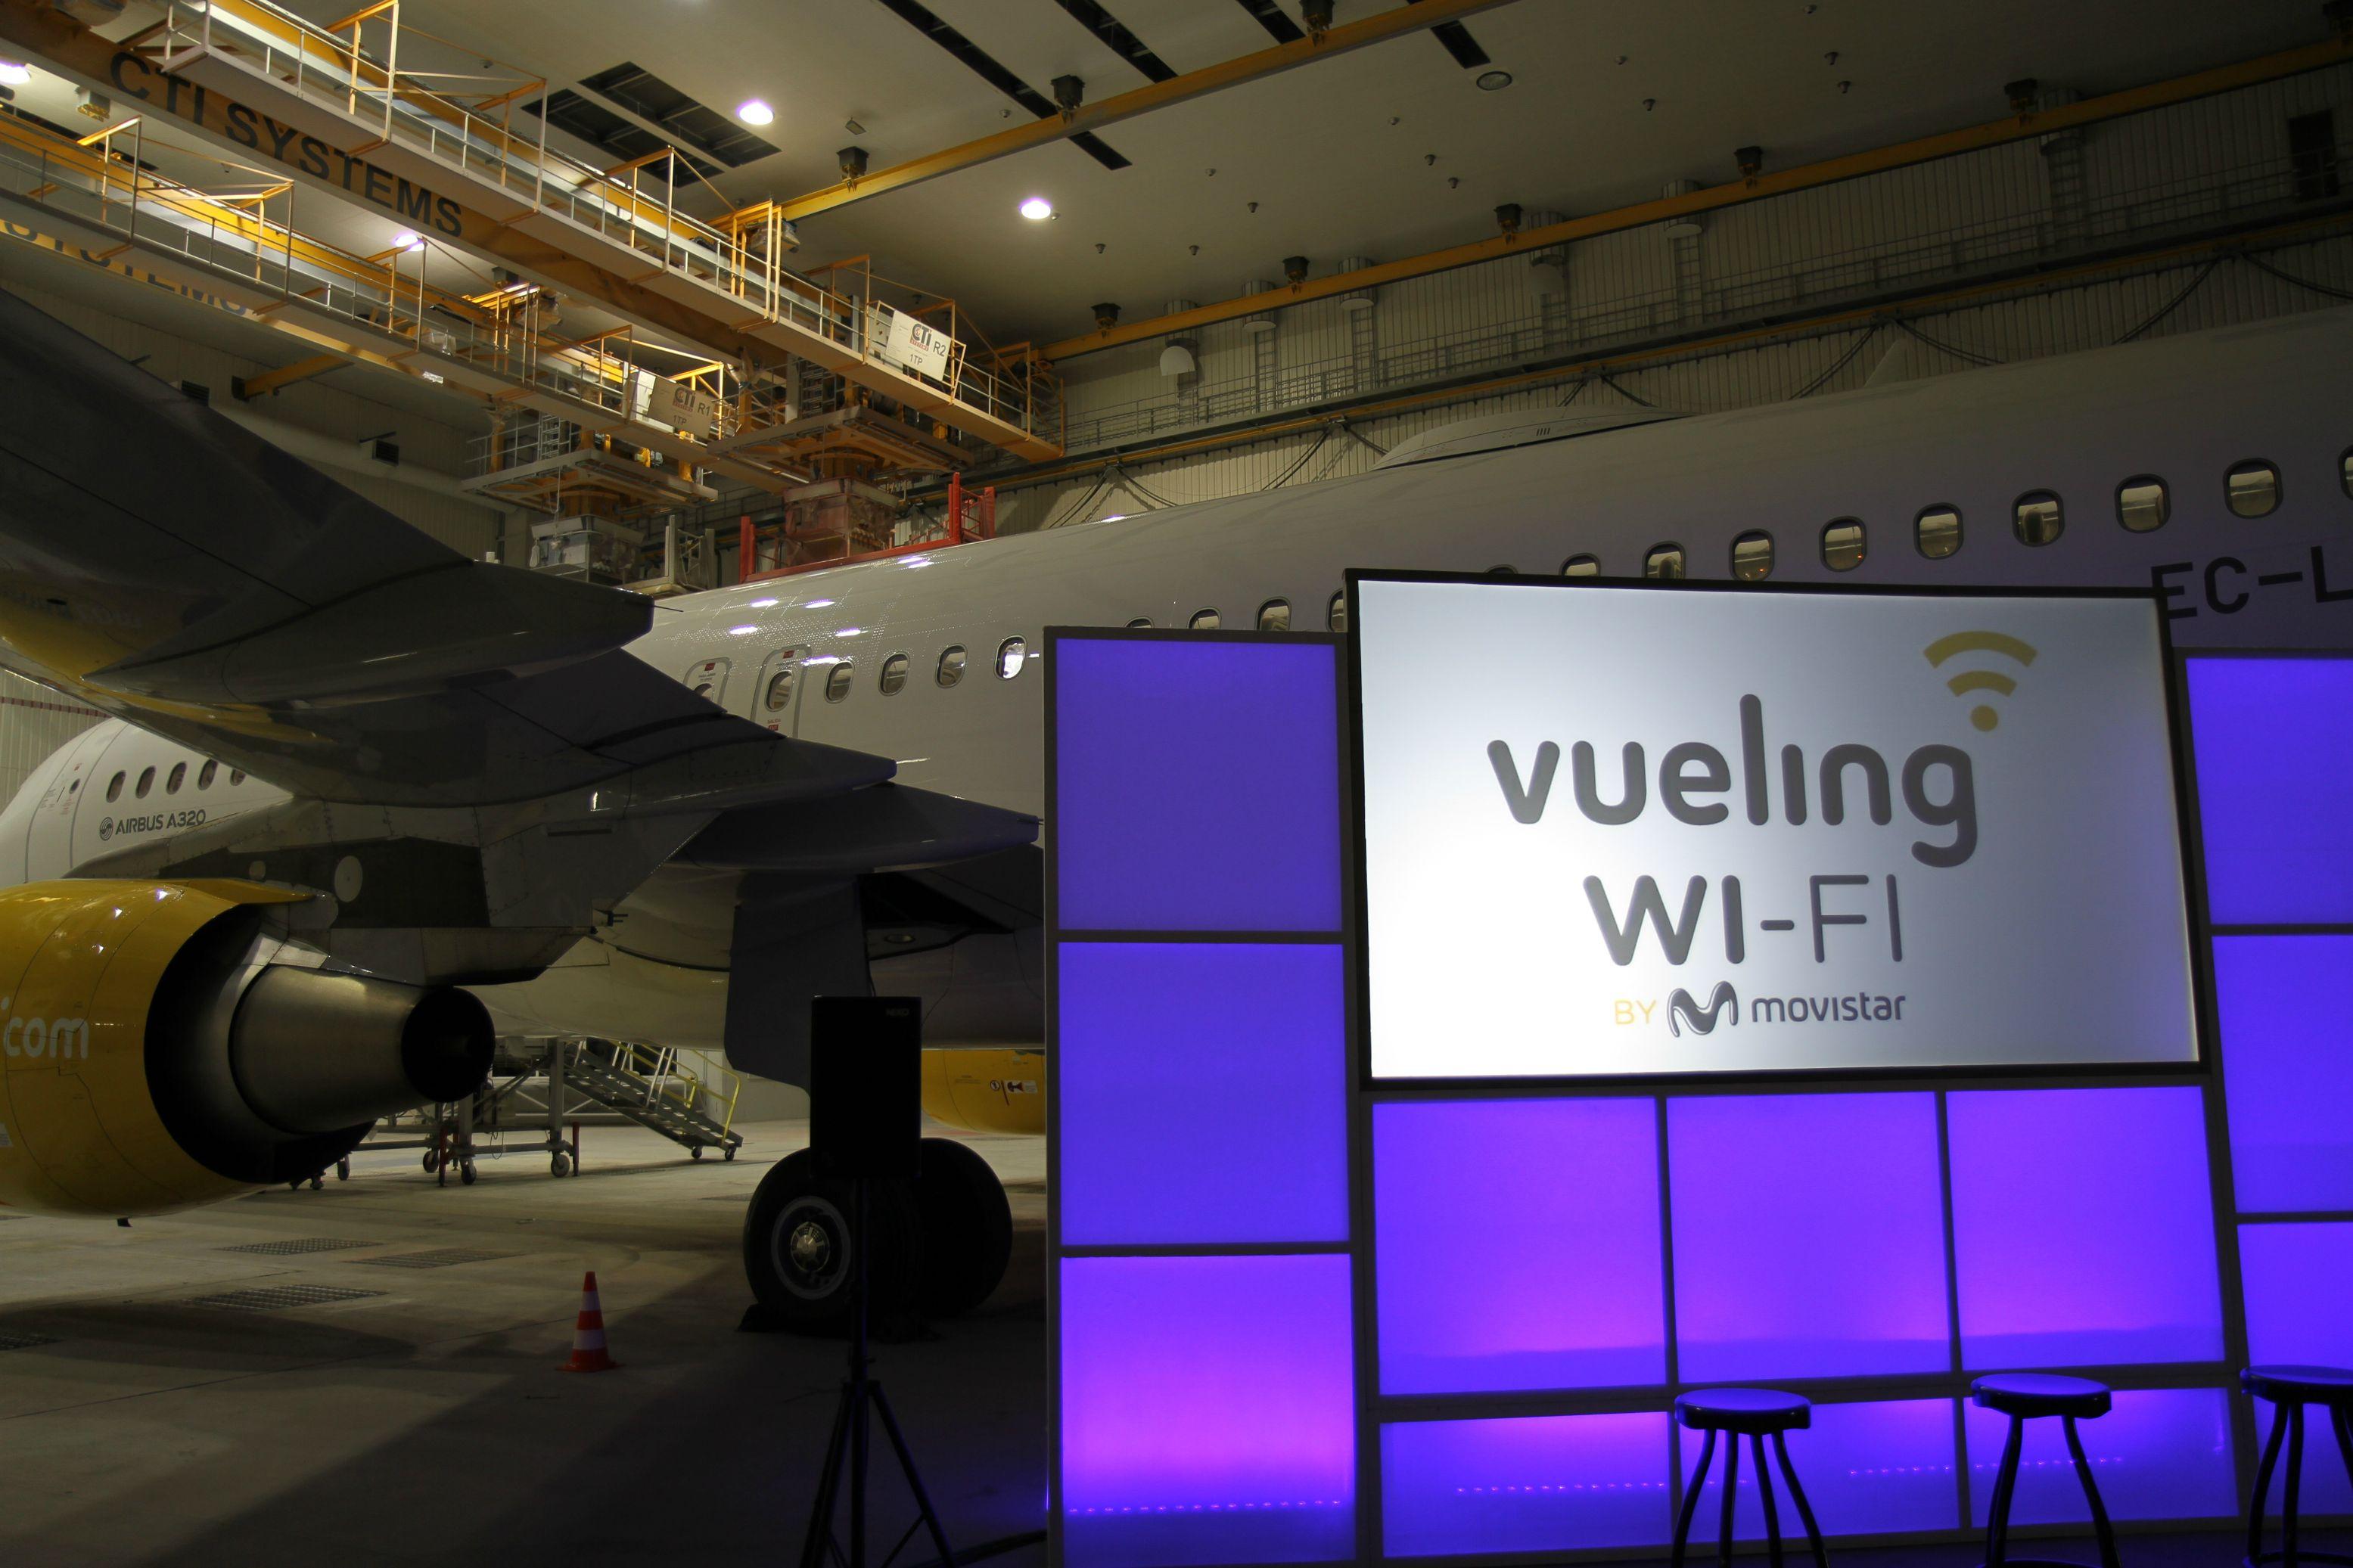 La banda ancha despega en Europa con Vueling y Movistar